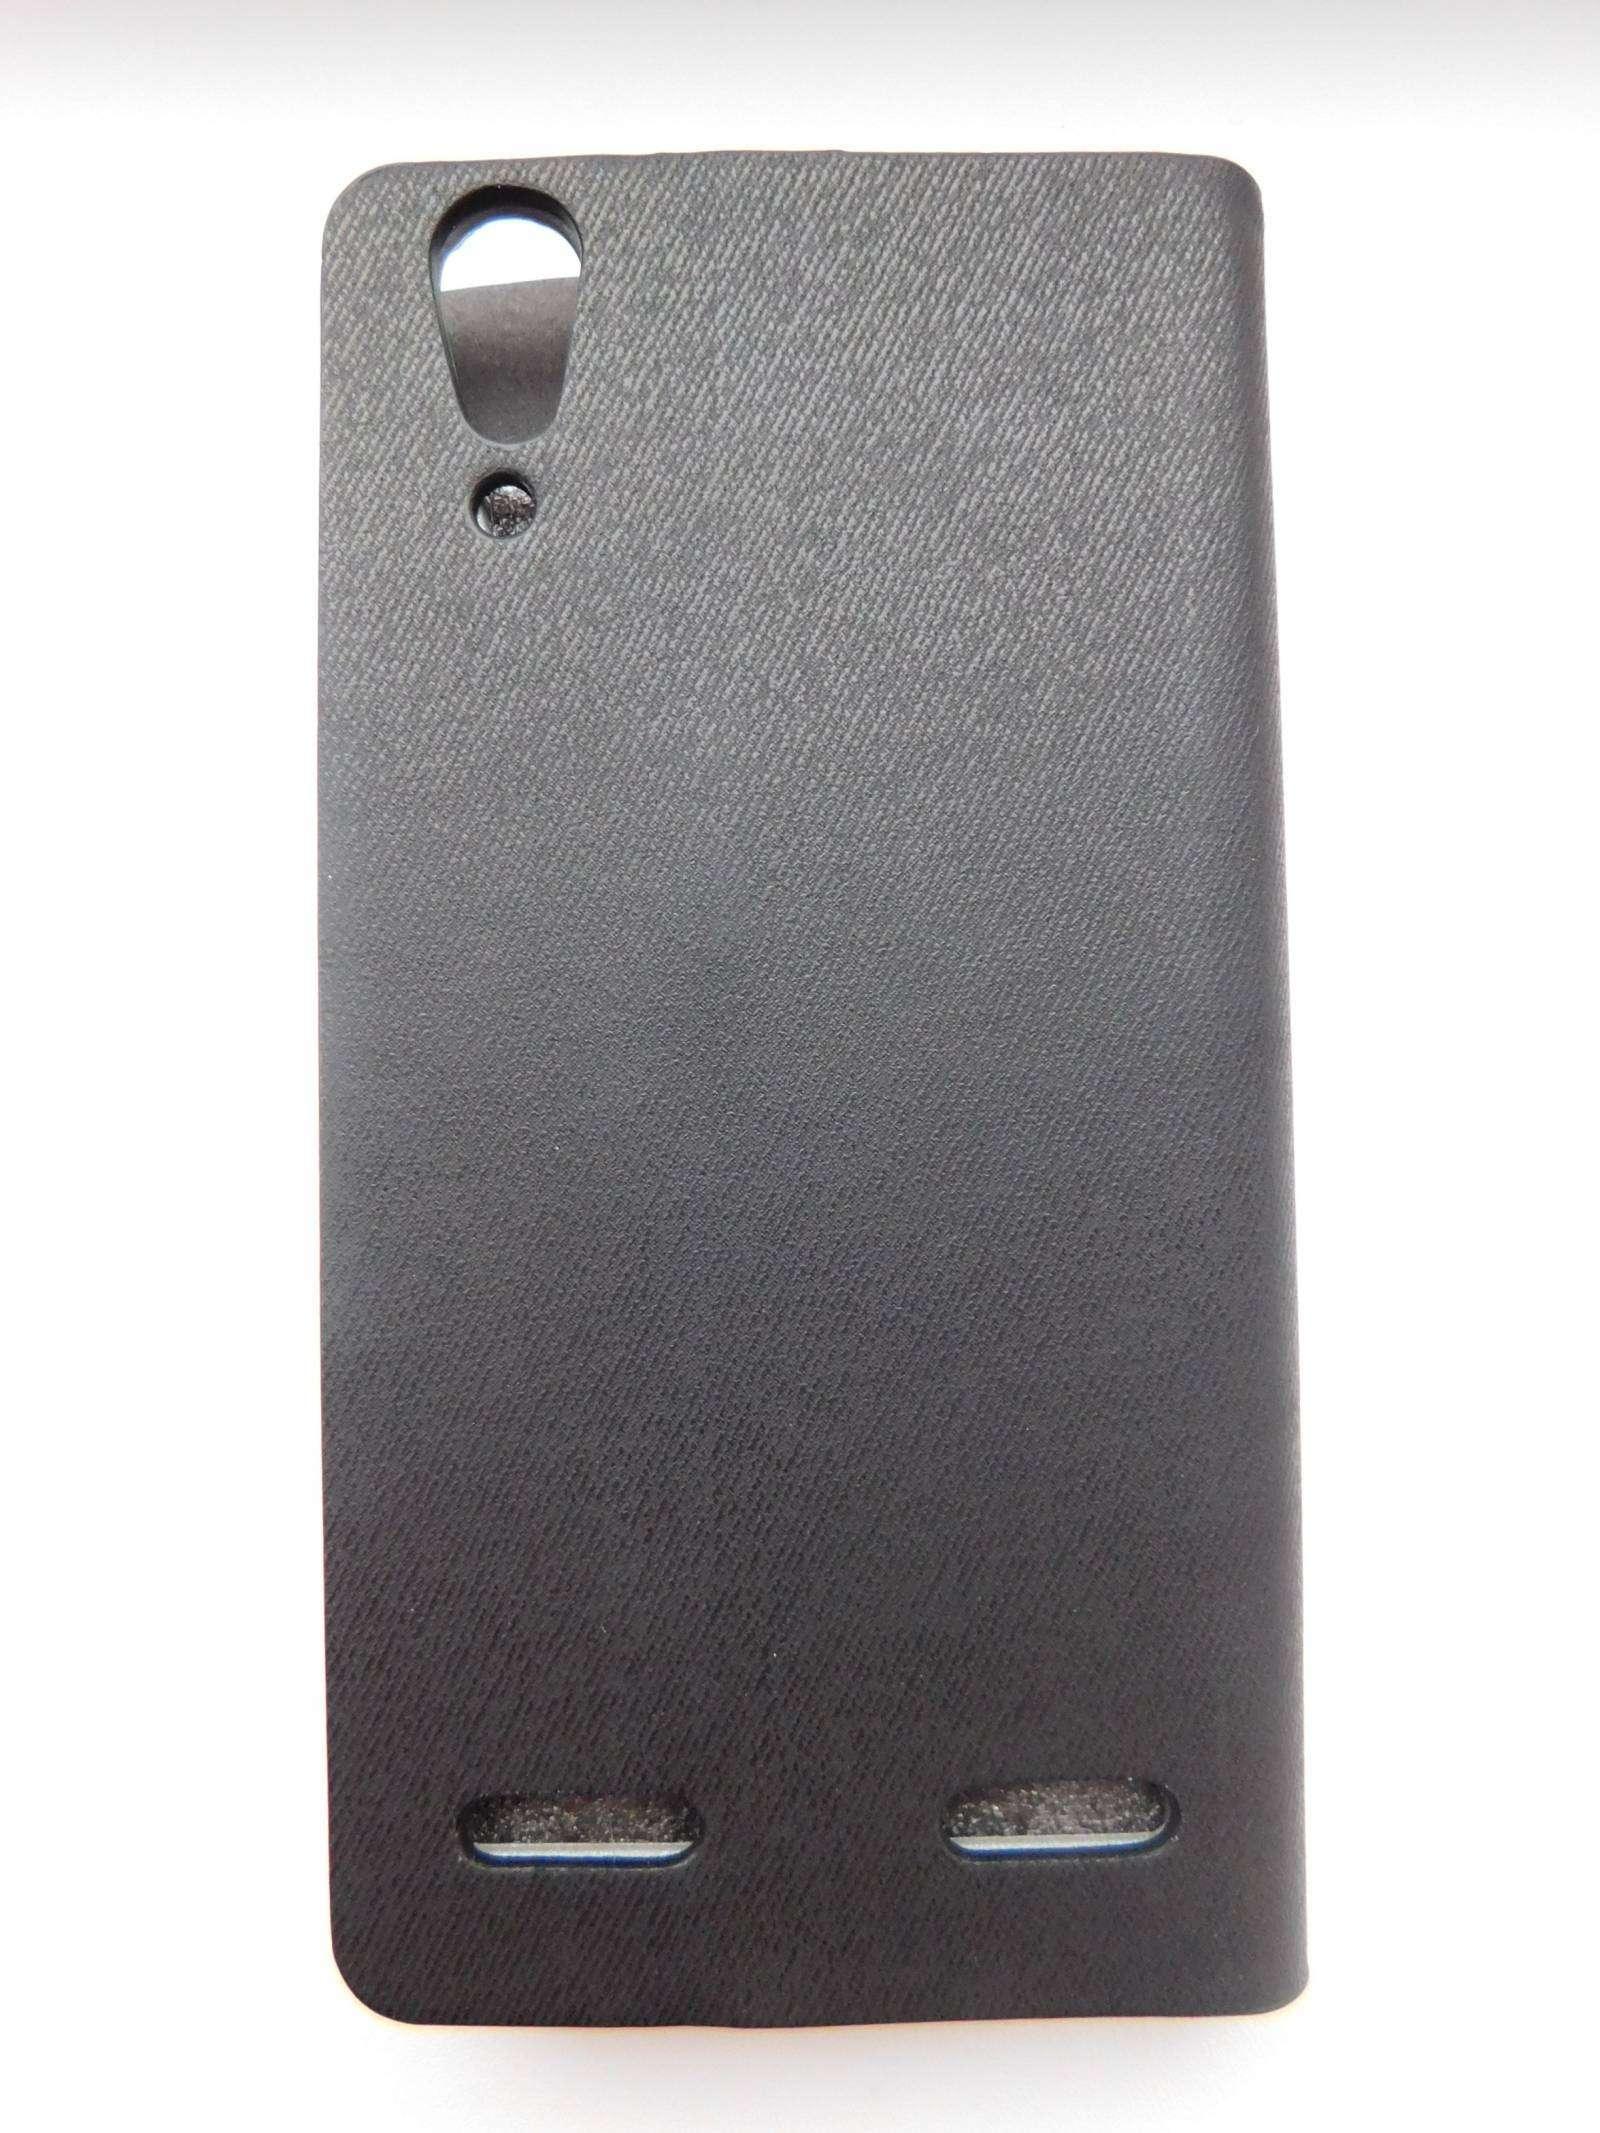 Banggood: Флип чехол Mohoo для Lenovo K3/A6000